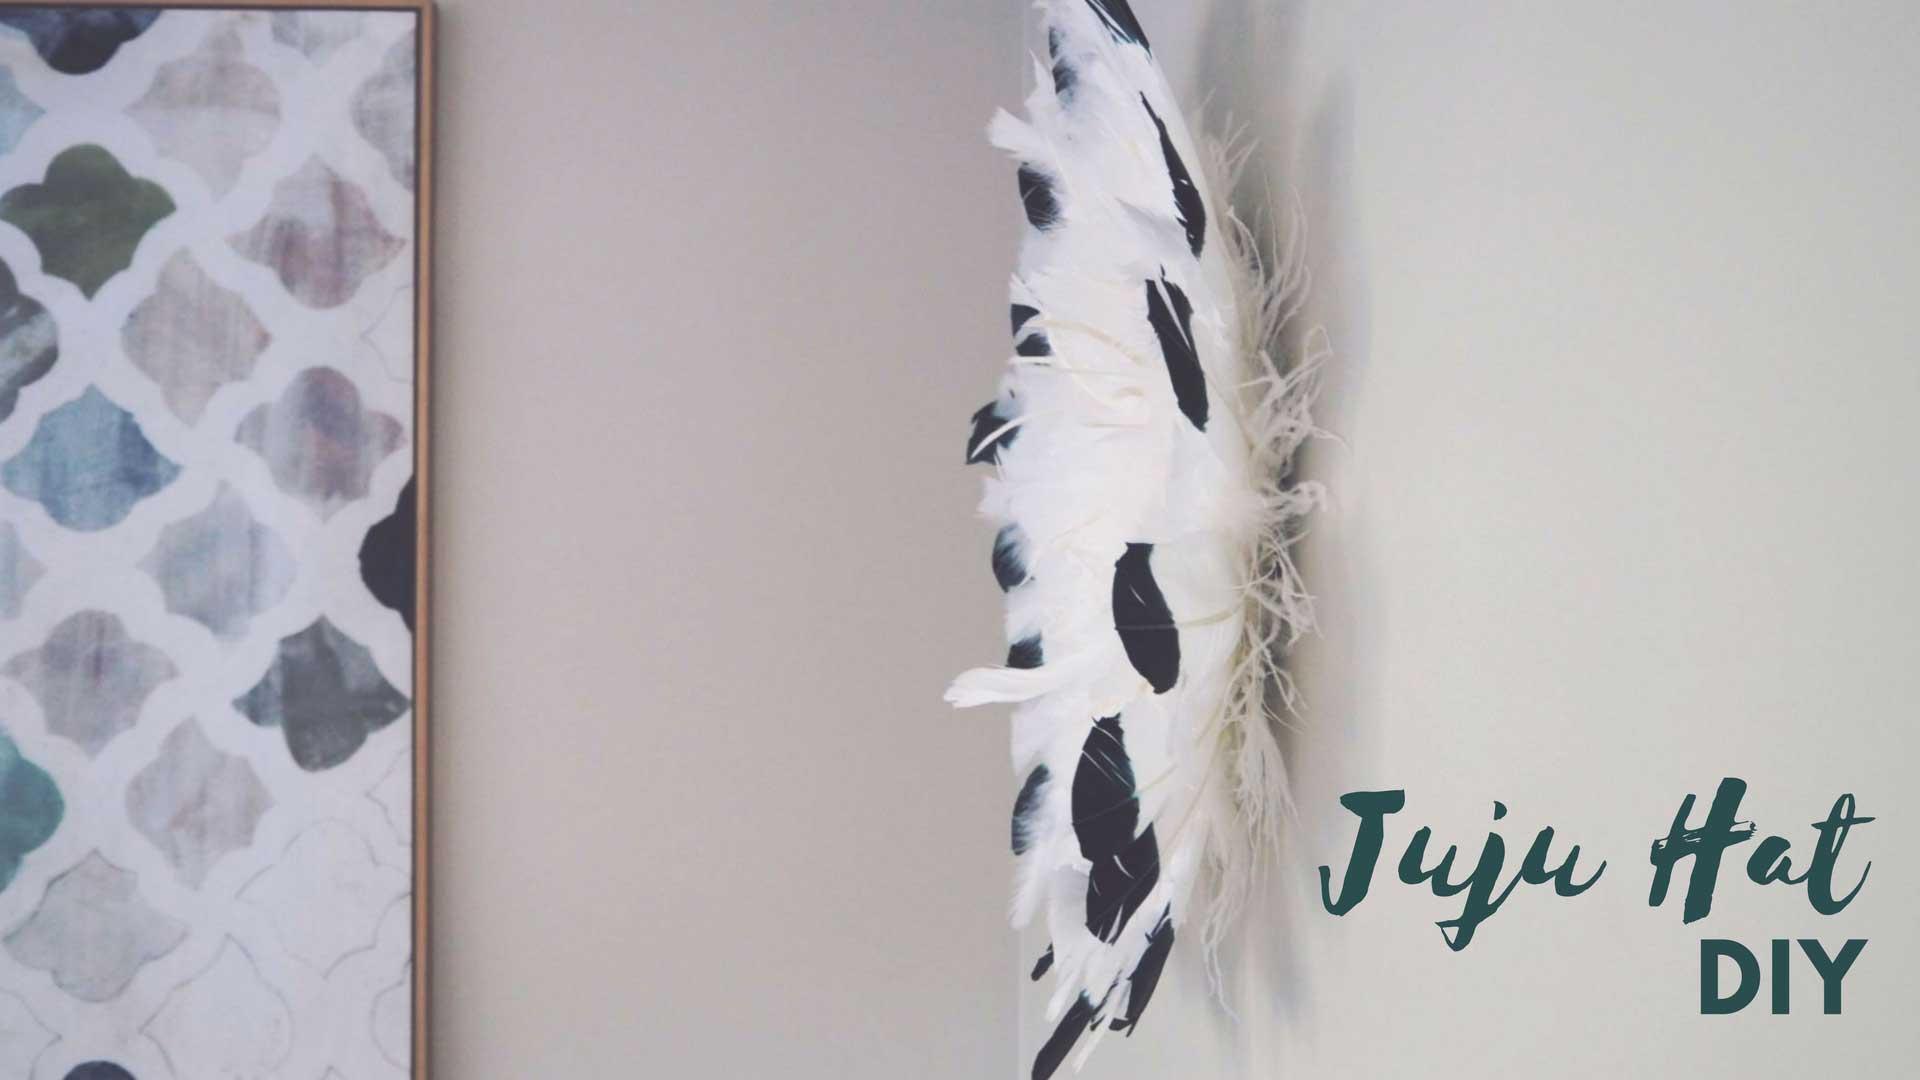 Get Crafty – DIY Feather Juju Hat Tutorial